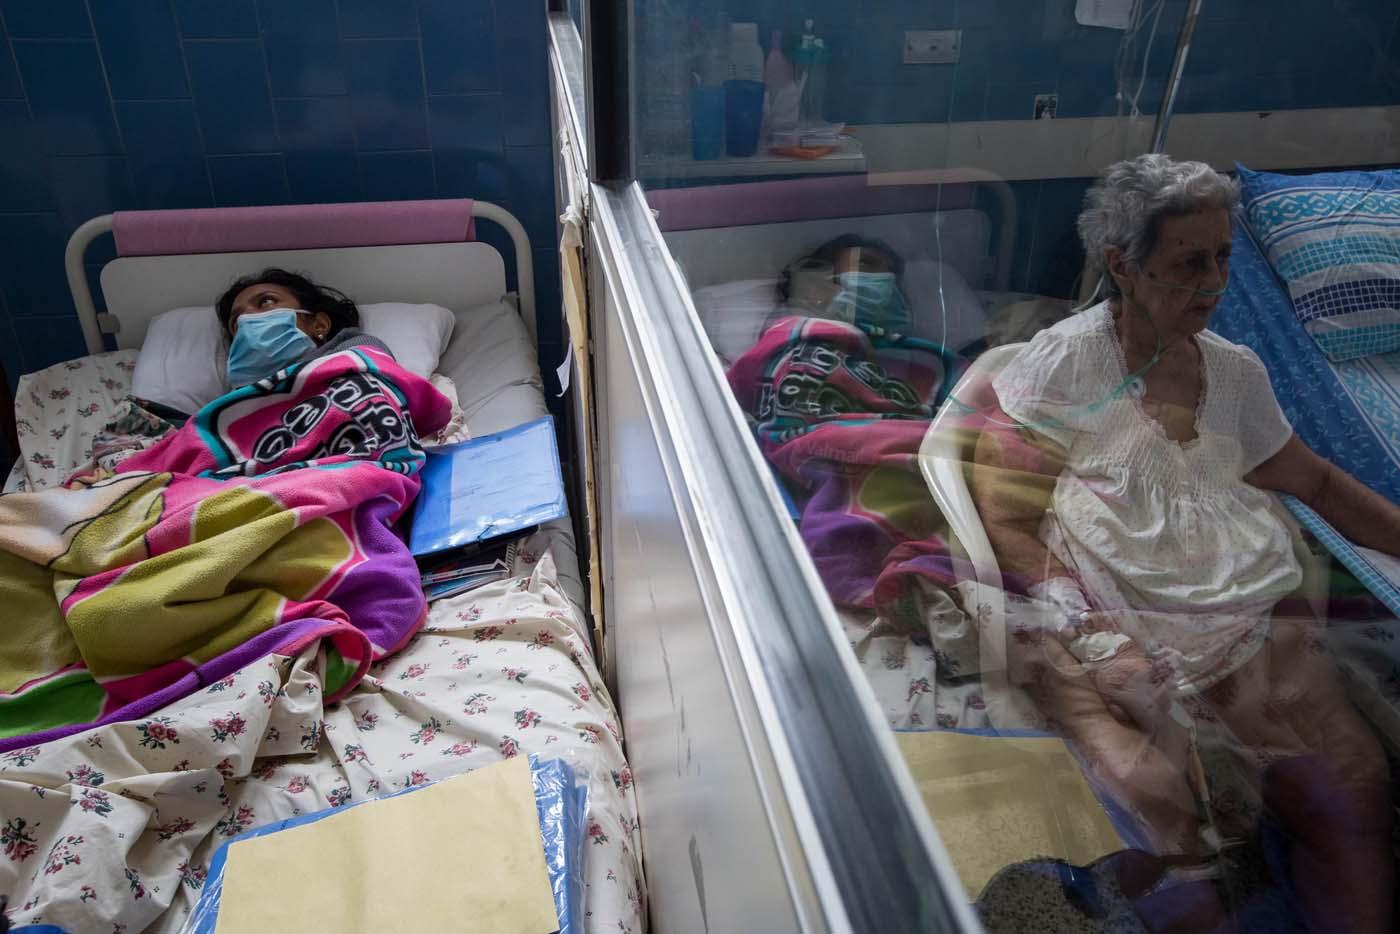 ACOMPAÑA CRÓNICA: VENEZUELA MEDICINAS - CAR009. CARACAS (VENEZUELA), 25/02/2017 - Fotografía del 24 de febrero de 2017, de pacientes que aguardan en sus camillas la llegada de medicina en un hospital de Caracas (Venezuela). Casi tres semanas lleva una joven de 25 años buscando dos antibióticos para su hermana que padece de bronconeumonía y hasta ahora lo único que pudo conseguir, gracias a una donación, fue una caja incompleta de un medicamento que no es precisamente el que el médico le recetó. Venezuela vive una aguda crisis de desabastecimiento en materia de medicinas desde hace más de dos años y la situación no parece mejorar. Efe hizo un recorrido por unas 15 farmacias ubicadas tanto en el este como en el oeste de la capital venezolana y constató la ausencia de antibióticos, hipertensivos, anticoagulantes y otros. EFE/MIGUEL GUTIERREZ